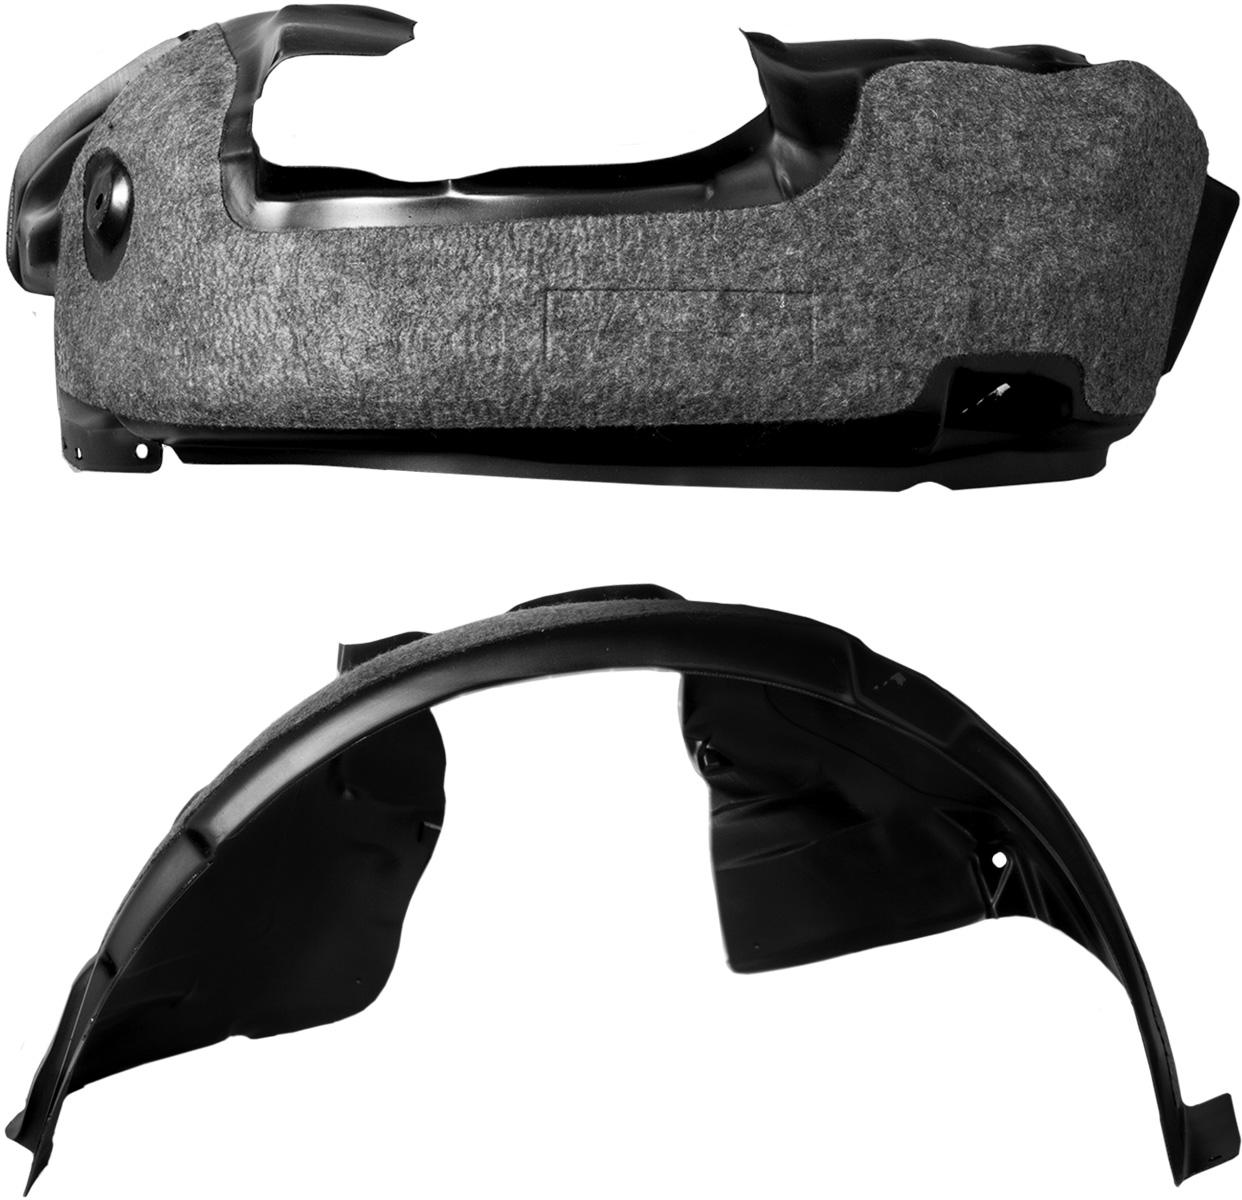 Подкрылок с шумоизоляцией Novline-Autofamily, для Peugeot Boxer, 08/2014 ->, без/с расширителями арок (задний правый)NLS.38.20.004Подкрылок с шумоизоляцией - революционный продукт, совмещающий в себе все достоинства обычного подкрылка, и в то же время являющийся одним из наиболее эффективных средств борьбы с внешним шумом в салоне автомобиля. Подкрылки бренда Novline-Autofamily разрабатываются индивидуально для каждого автомобиля с использованием метода 3D-сканирования. В качестве шумоизолирующего слоя применяется легкое синтетическое нетканое полотно толщиной 10 мм, которое отталкивает влагу, сохраняет свои шумоизоляционные свойства на протяжении всего периода эксплуатации. Подкрылки с шумоизоляцией не имеют эксплуатационных ограничений и устанавливаются один раз на весь срок службы автомобиля. Подкрылки с шумоизоляцией не имеют аналогов и являются российским изобретением, получившим признание во всём мире. Уважаемые клиенты! Обращаем ваше внимание, фото может не полностью соответствовать оригиналу.